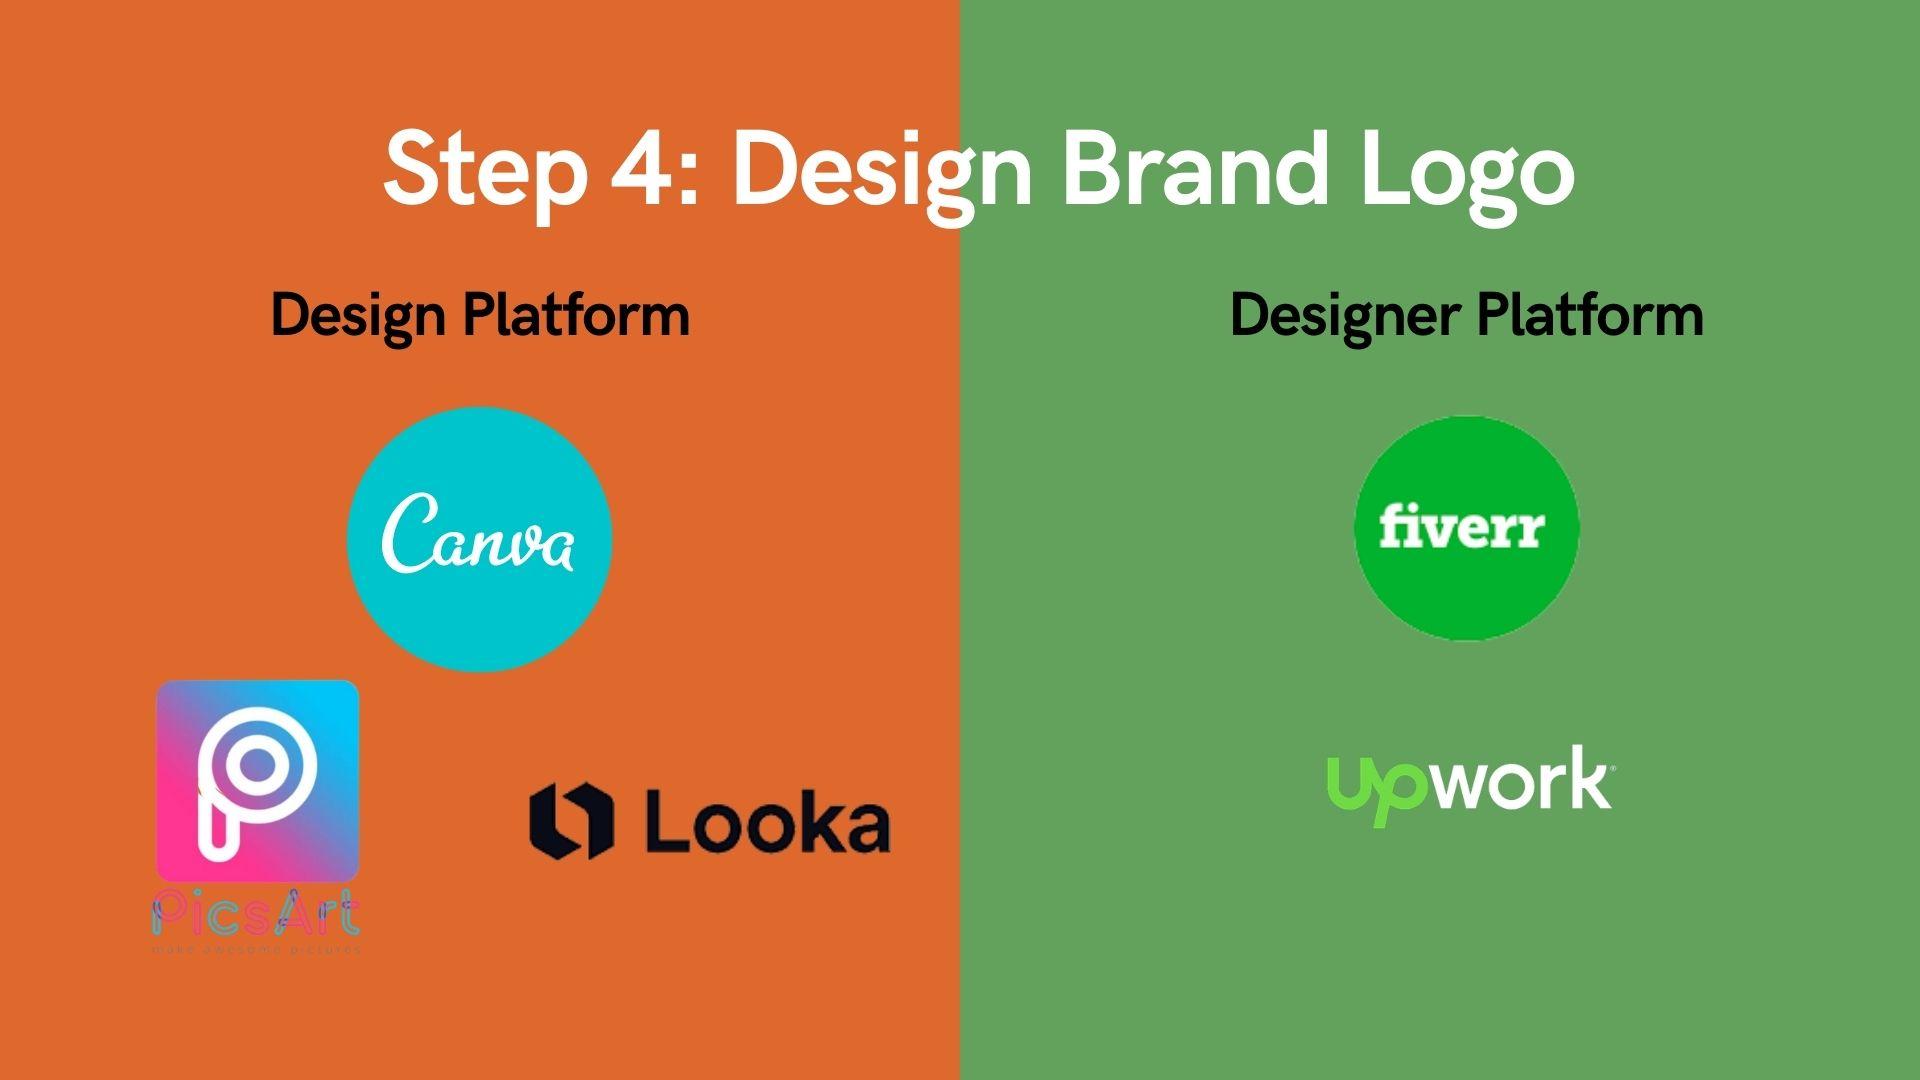 Step 4 Design Brand Logo